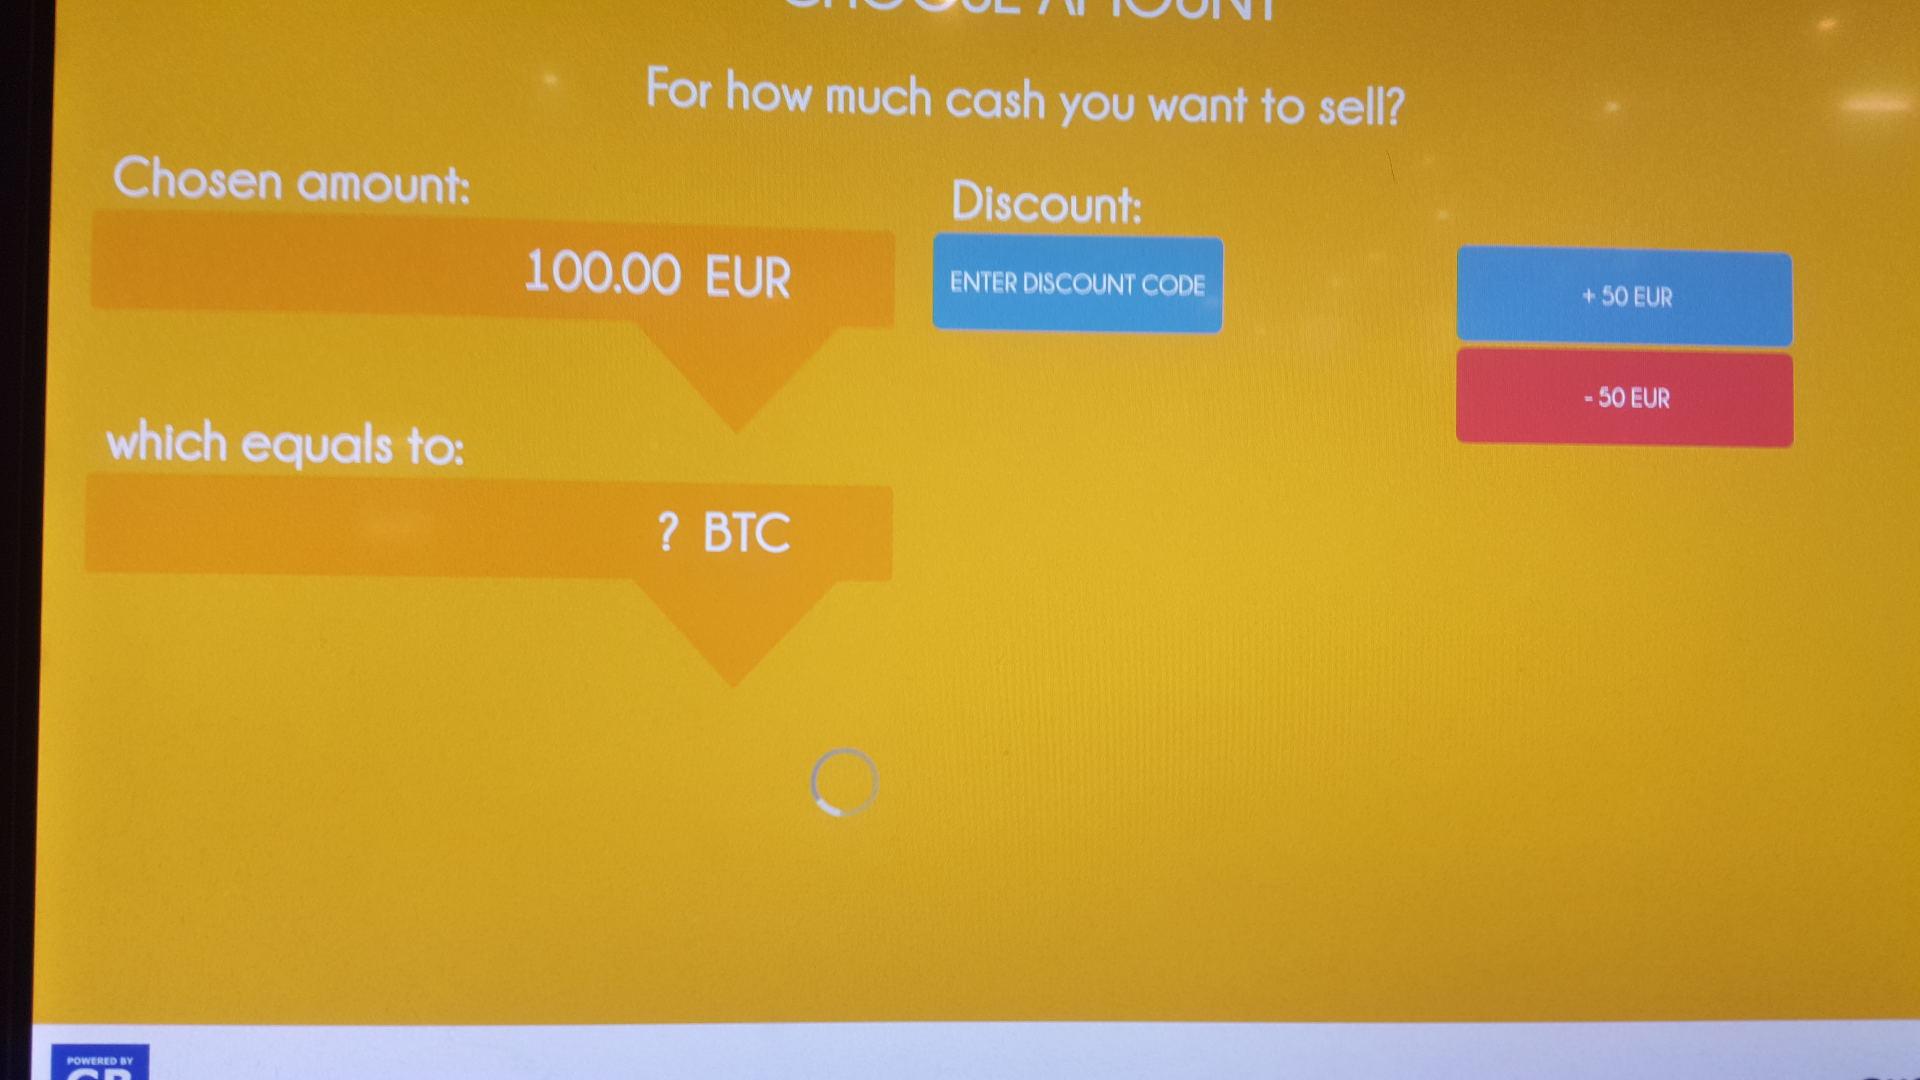 Uždirbti pinigus nuo bitcoin, kaip, Bitcoin iki eurų uždirbti